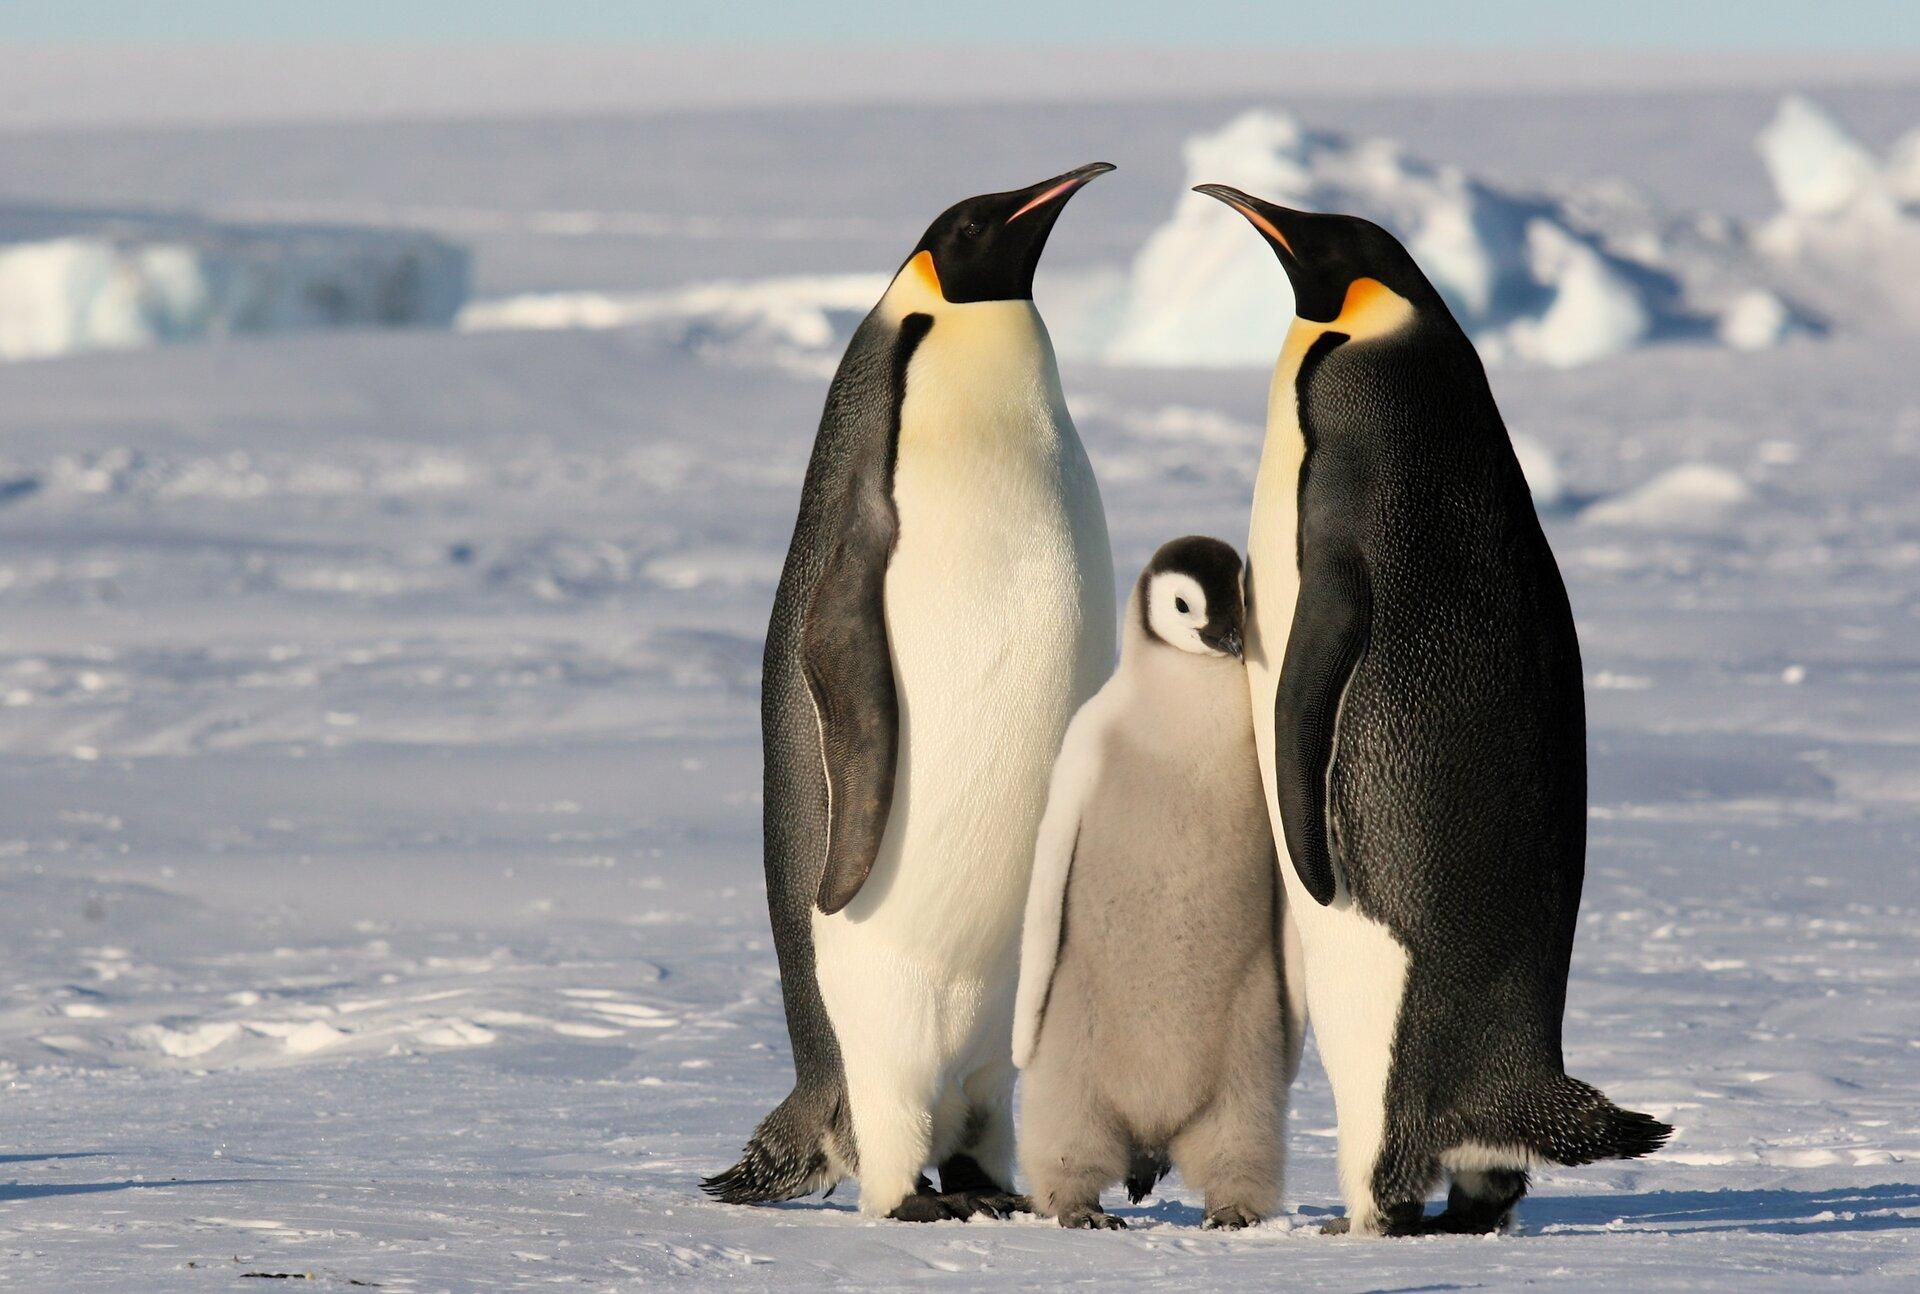 Fotografia prezentuje rodzinę pingwina cesarskiego. Widoczne są dwa dorosłe pingwiny oraz mały pingwin stojący pomiędzy nimi. Pingwiny dorosłe mają czarną głowę, grzbiet icały tył ciała. Na policzku biało-pomarańczową plamę. Zprzodu są białe. Mały pingwin ma tylko czarny pasek od dzioba po tył głowy, poza tym jest biały. Pingwiny stoją na płaskim pokrytym śniegiem terenie.